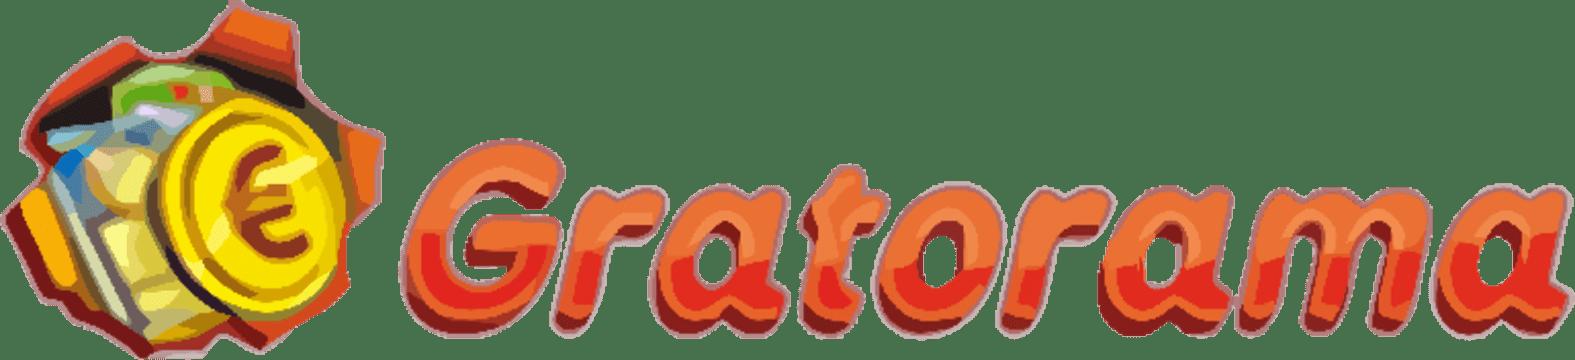 Gratorama